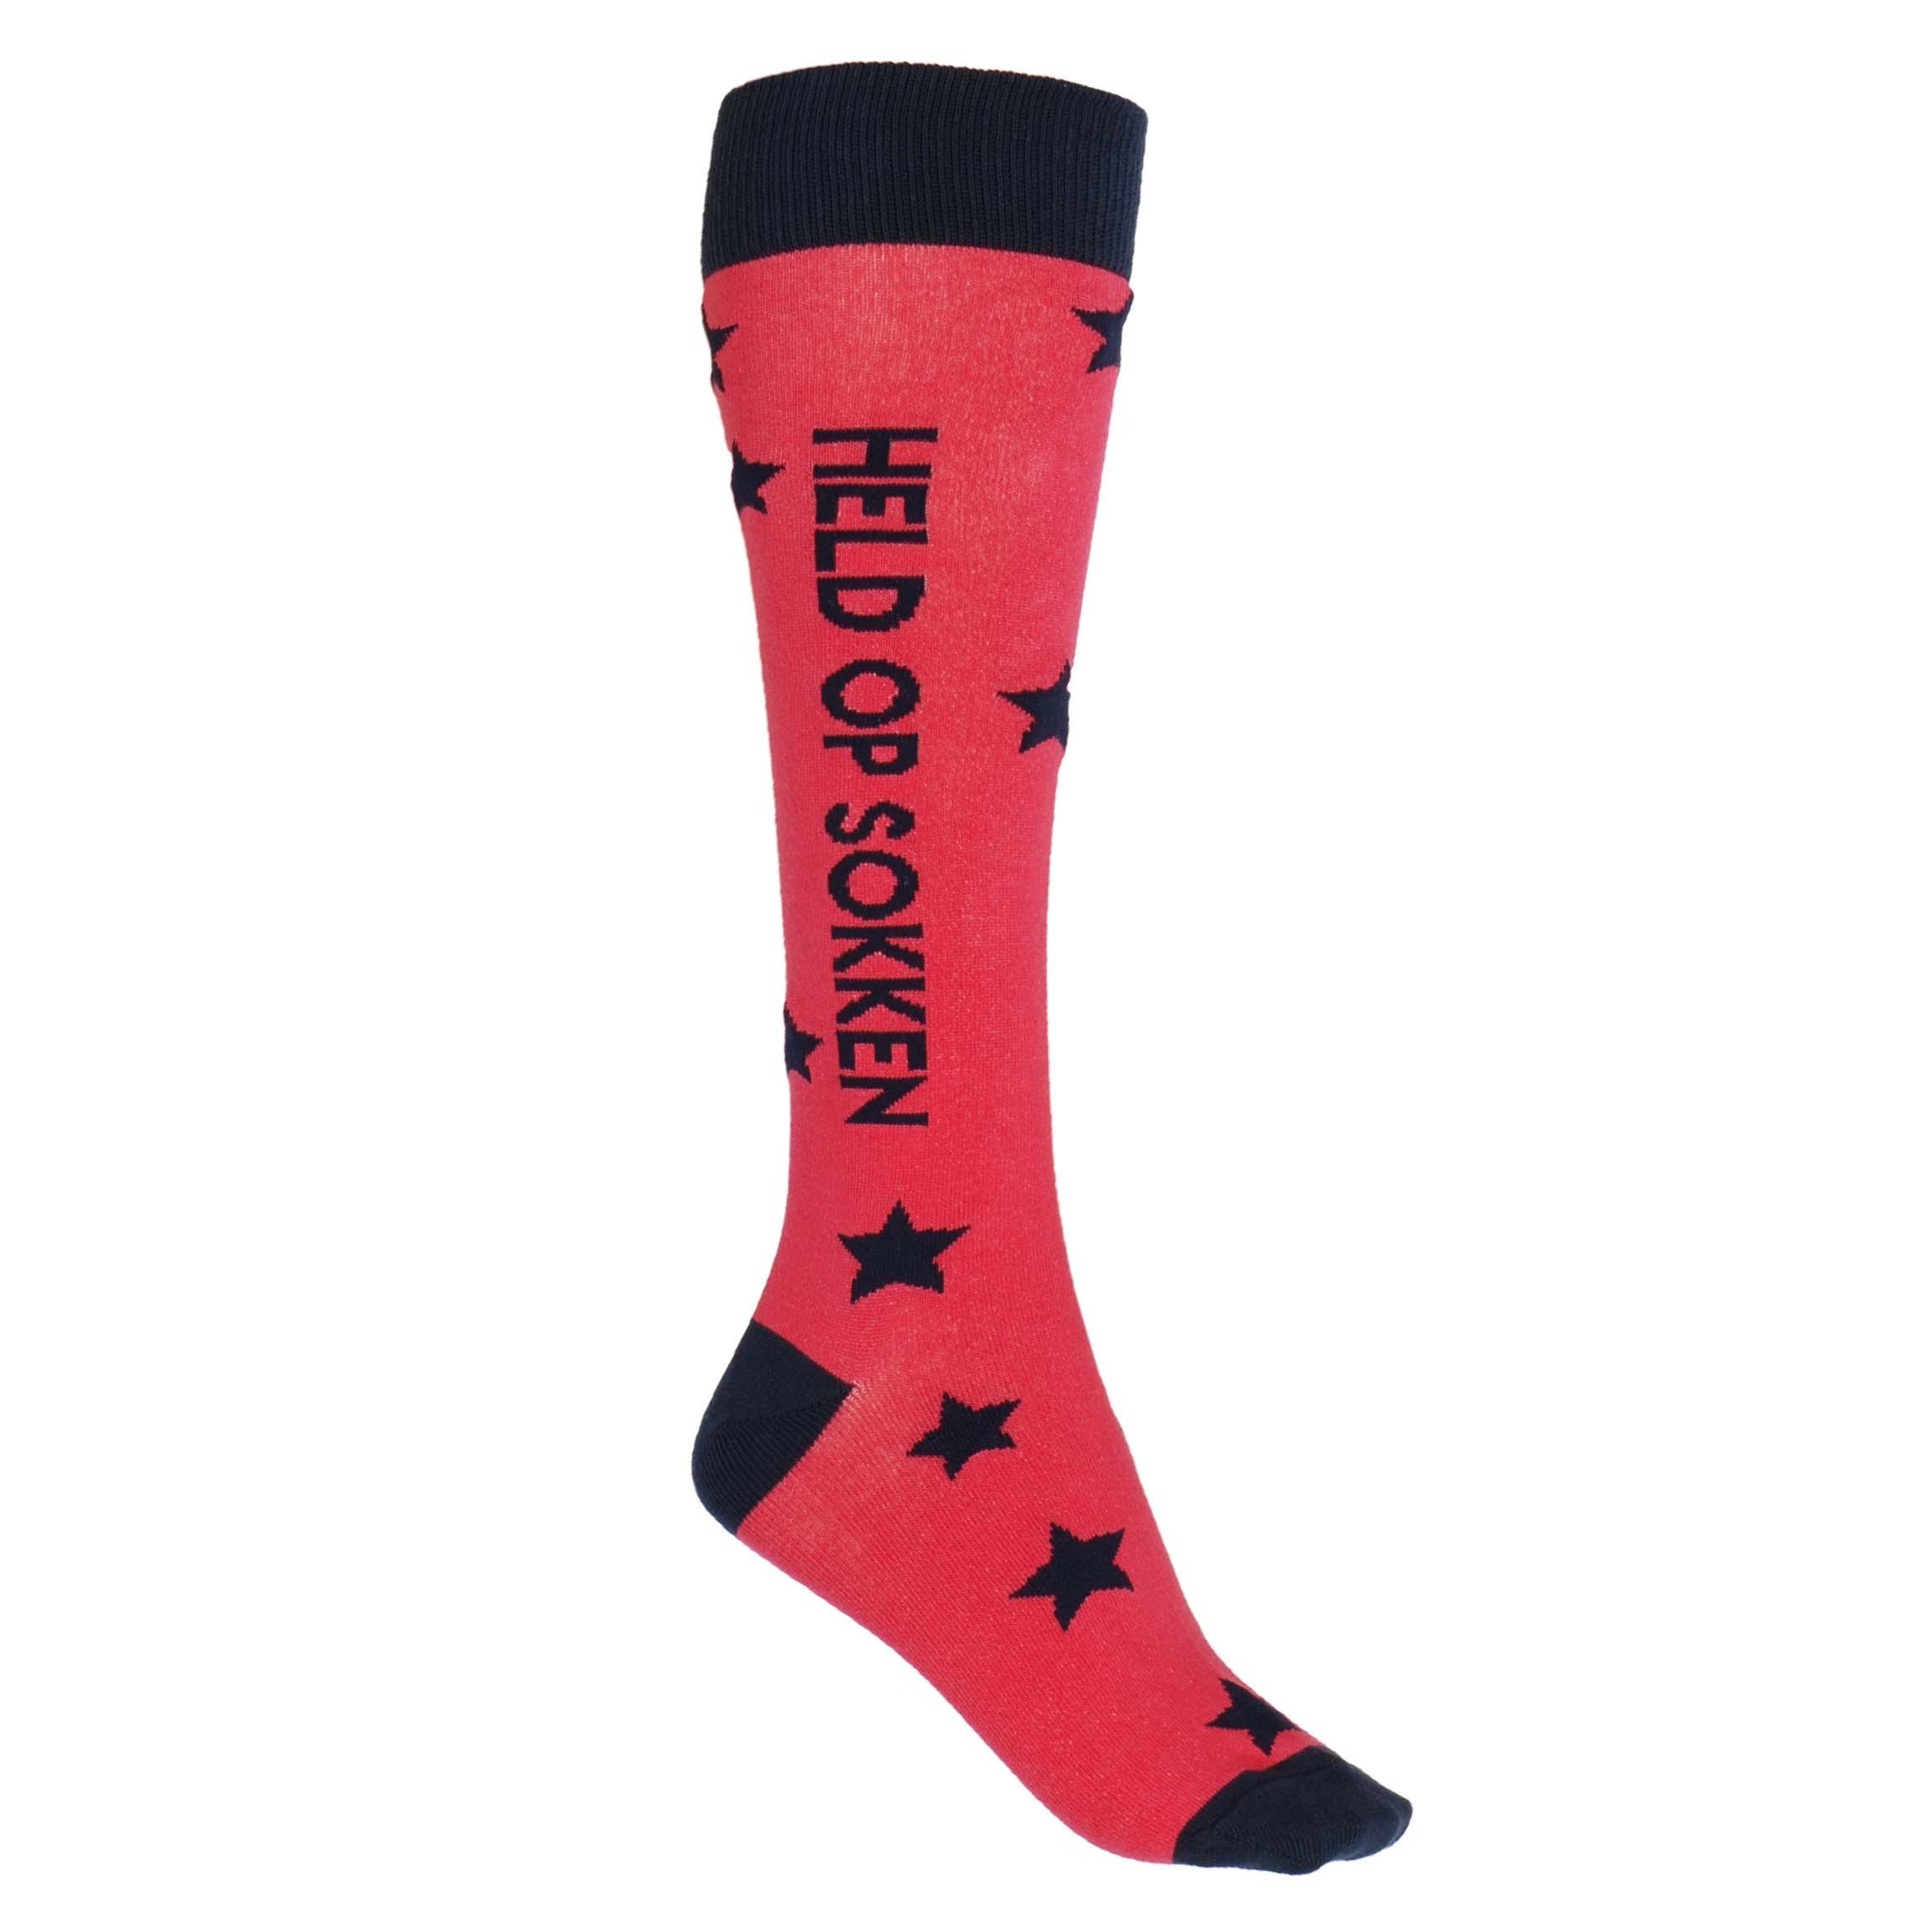 Mondoni Held op sokken kniekousen roze maat:35-38